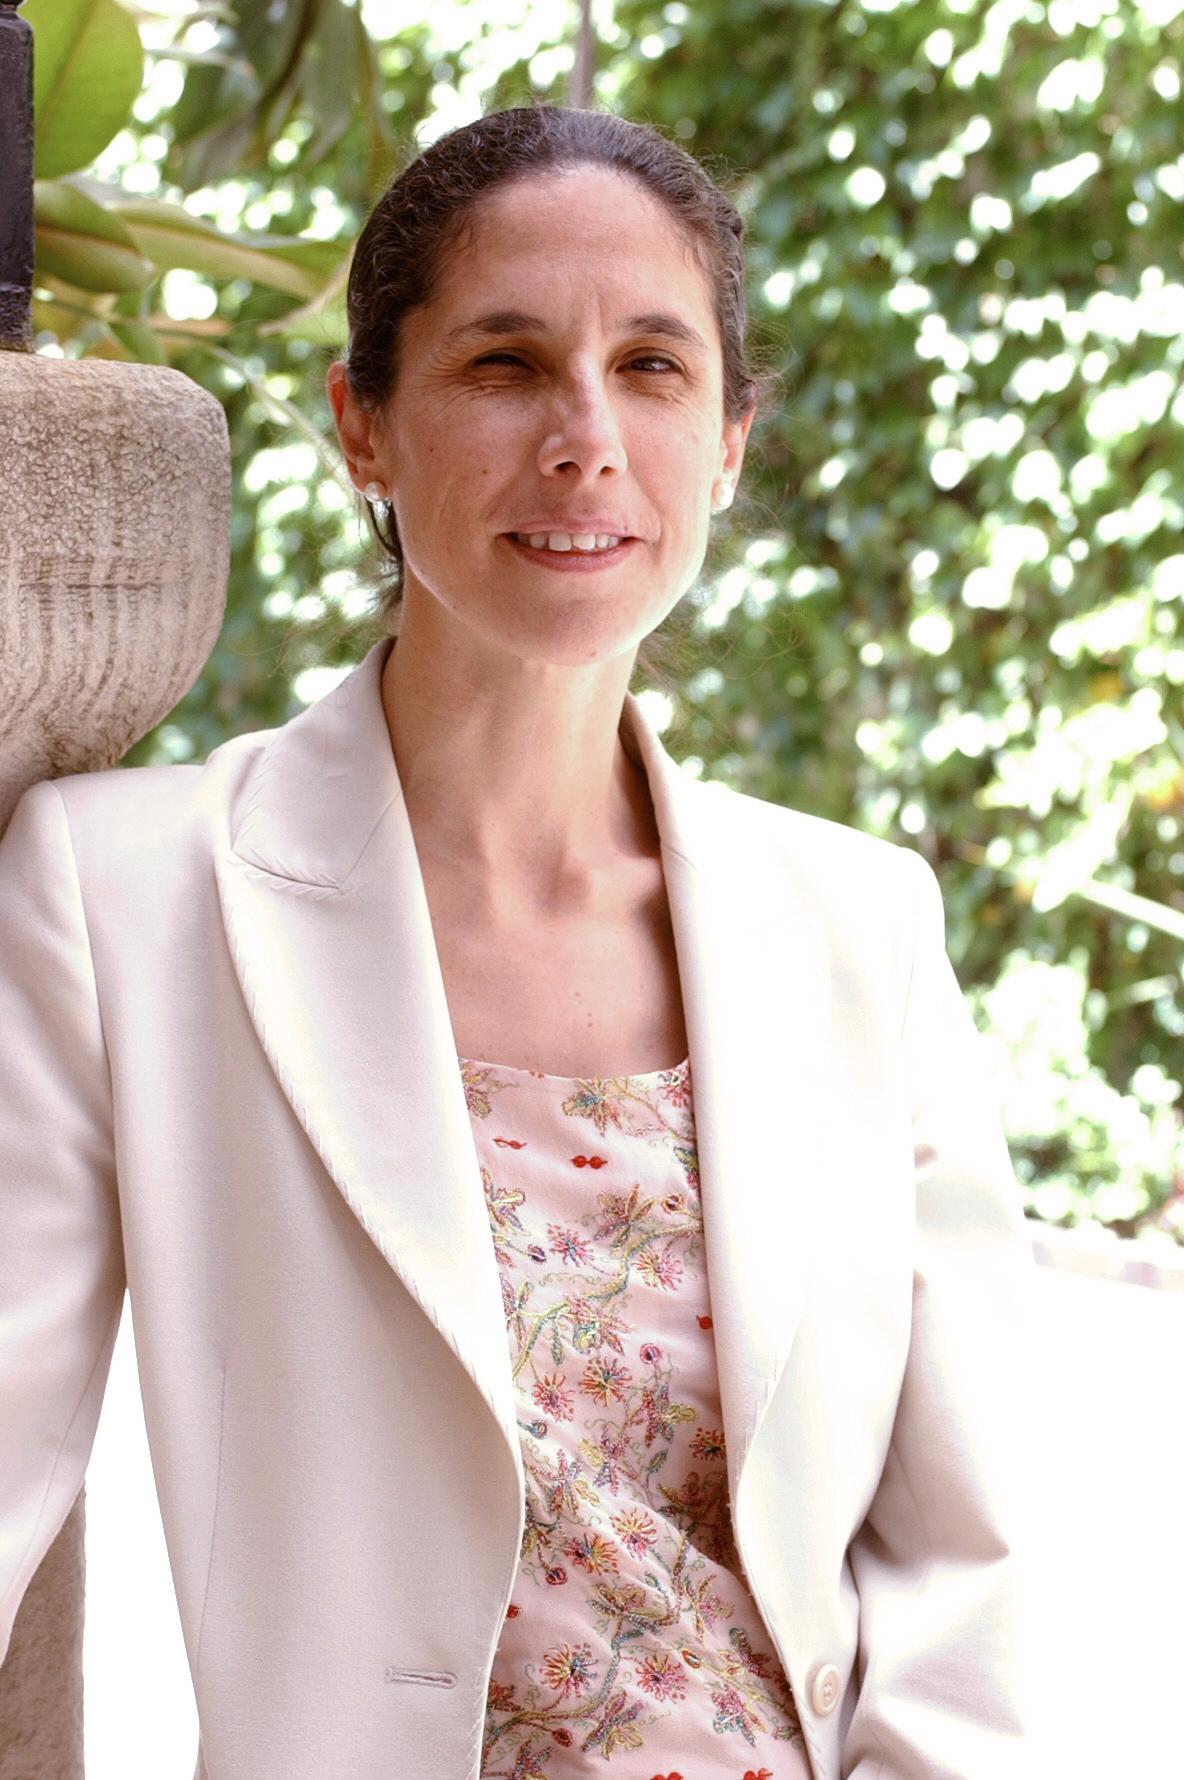 Ana Pelaez